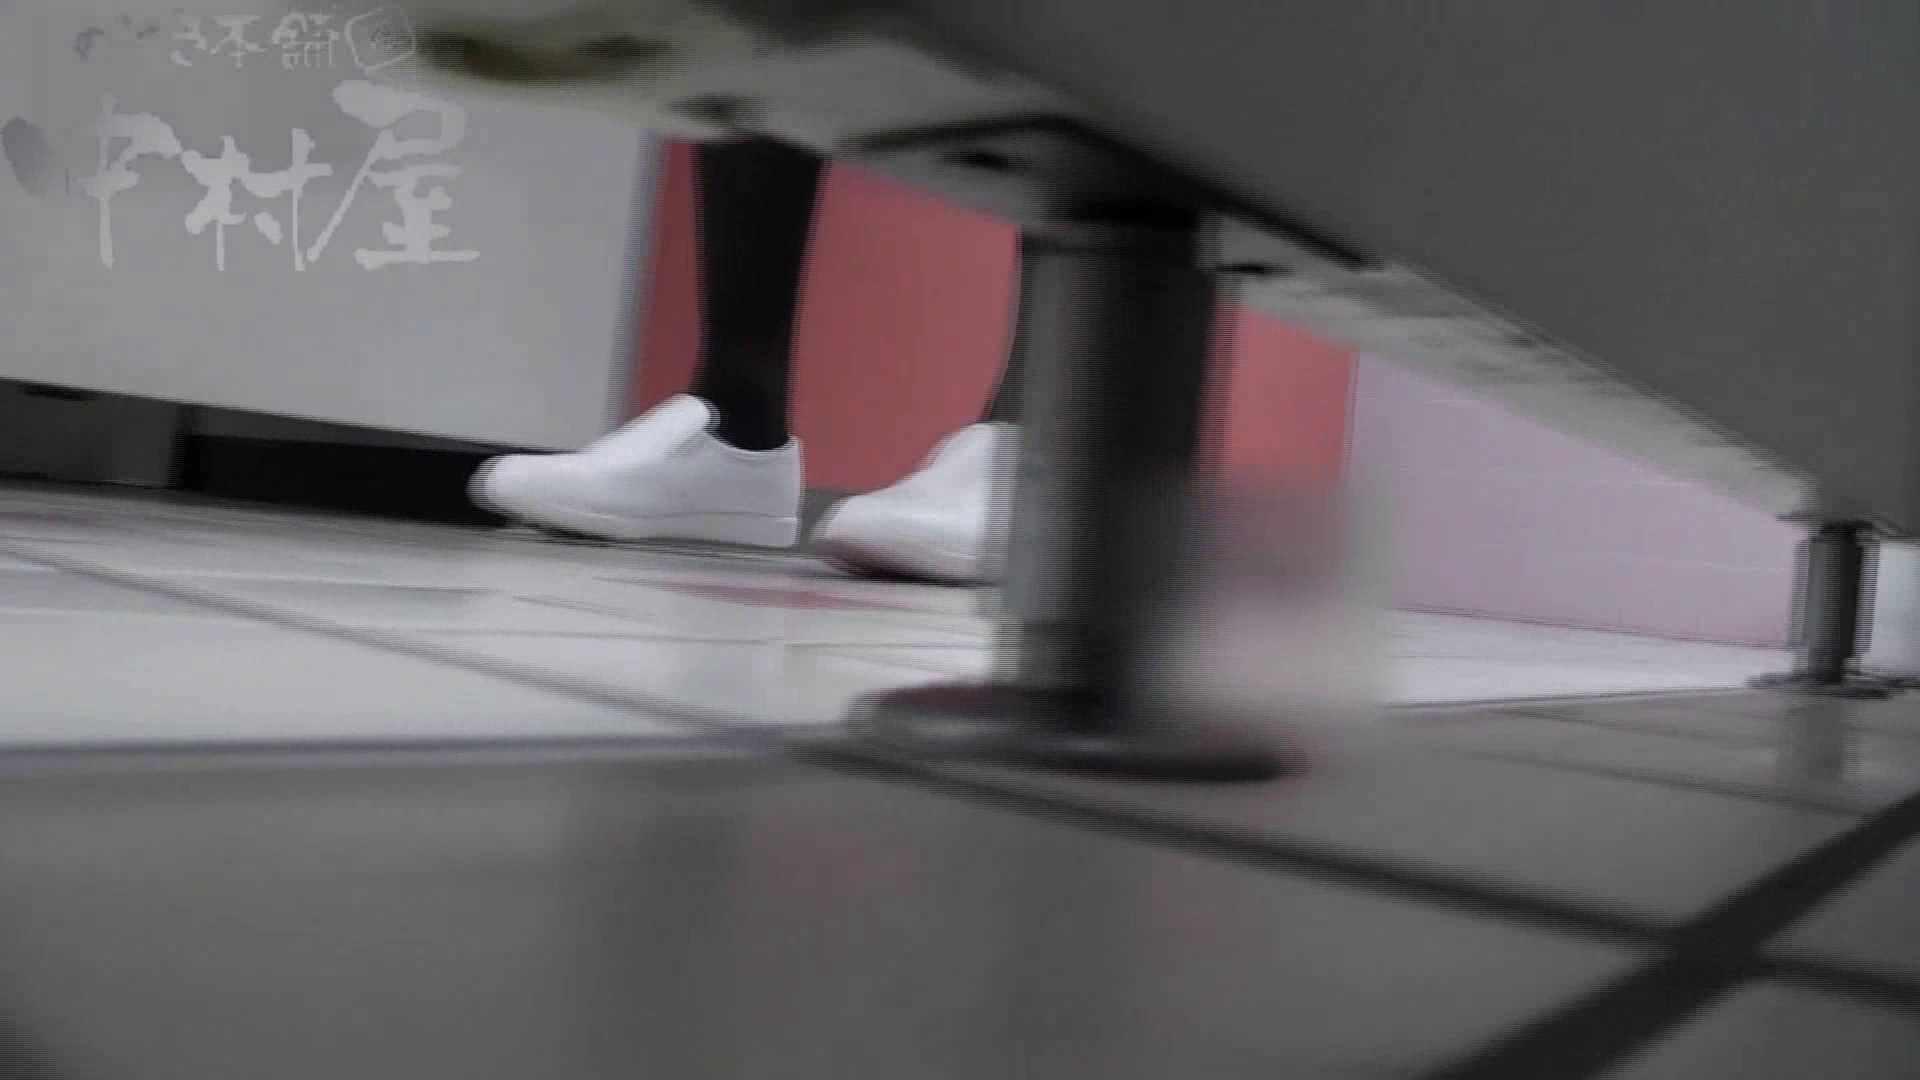 美しい日本の未来 No.31 新しいアングルに挑戦 ギャルの下半身 われめAV動画紹介 100連発 71